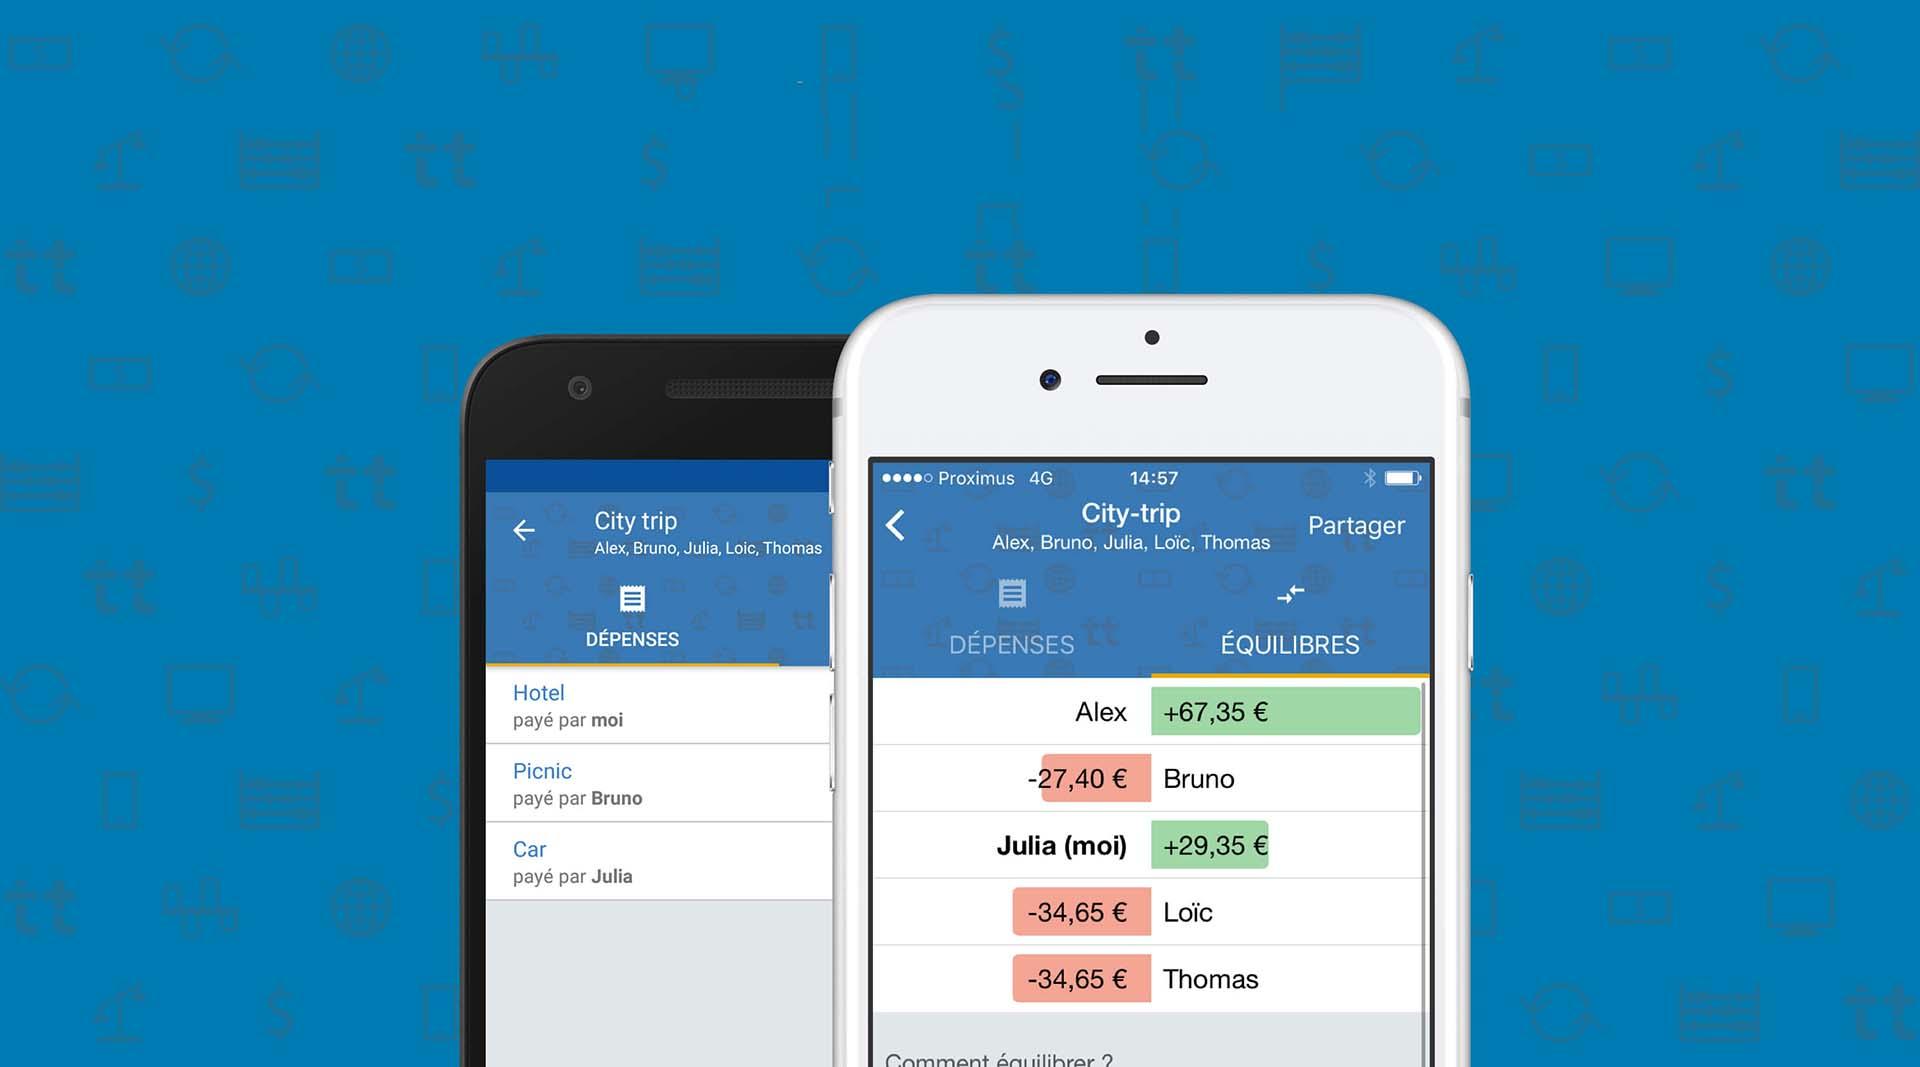 L'app de la semaine : Tricount pour de bons comptes entre bons amis